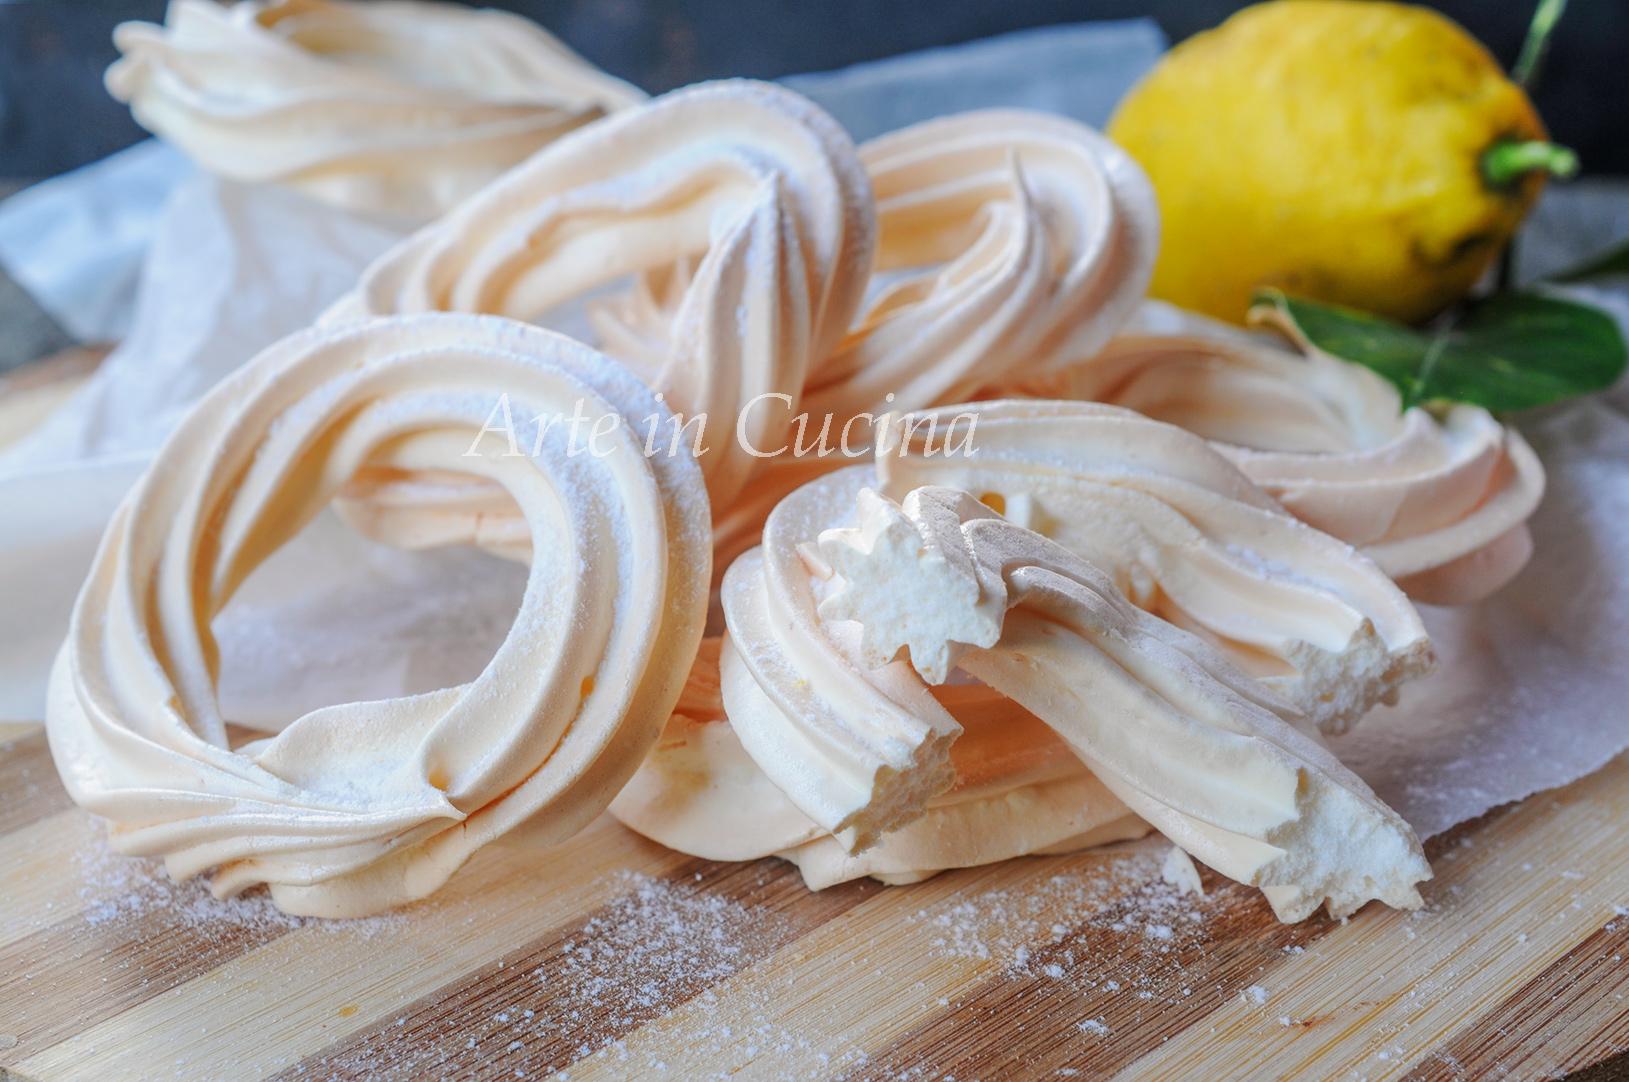 Ciambelline soffiate al limone veloci vickyart arte in cucina